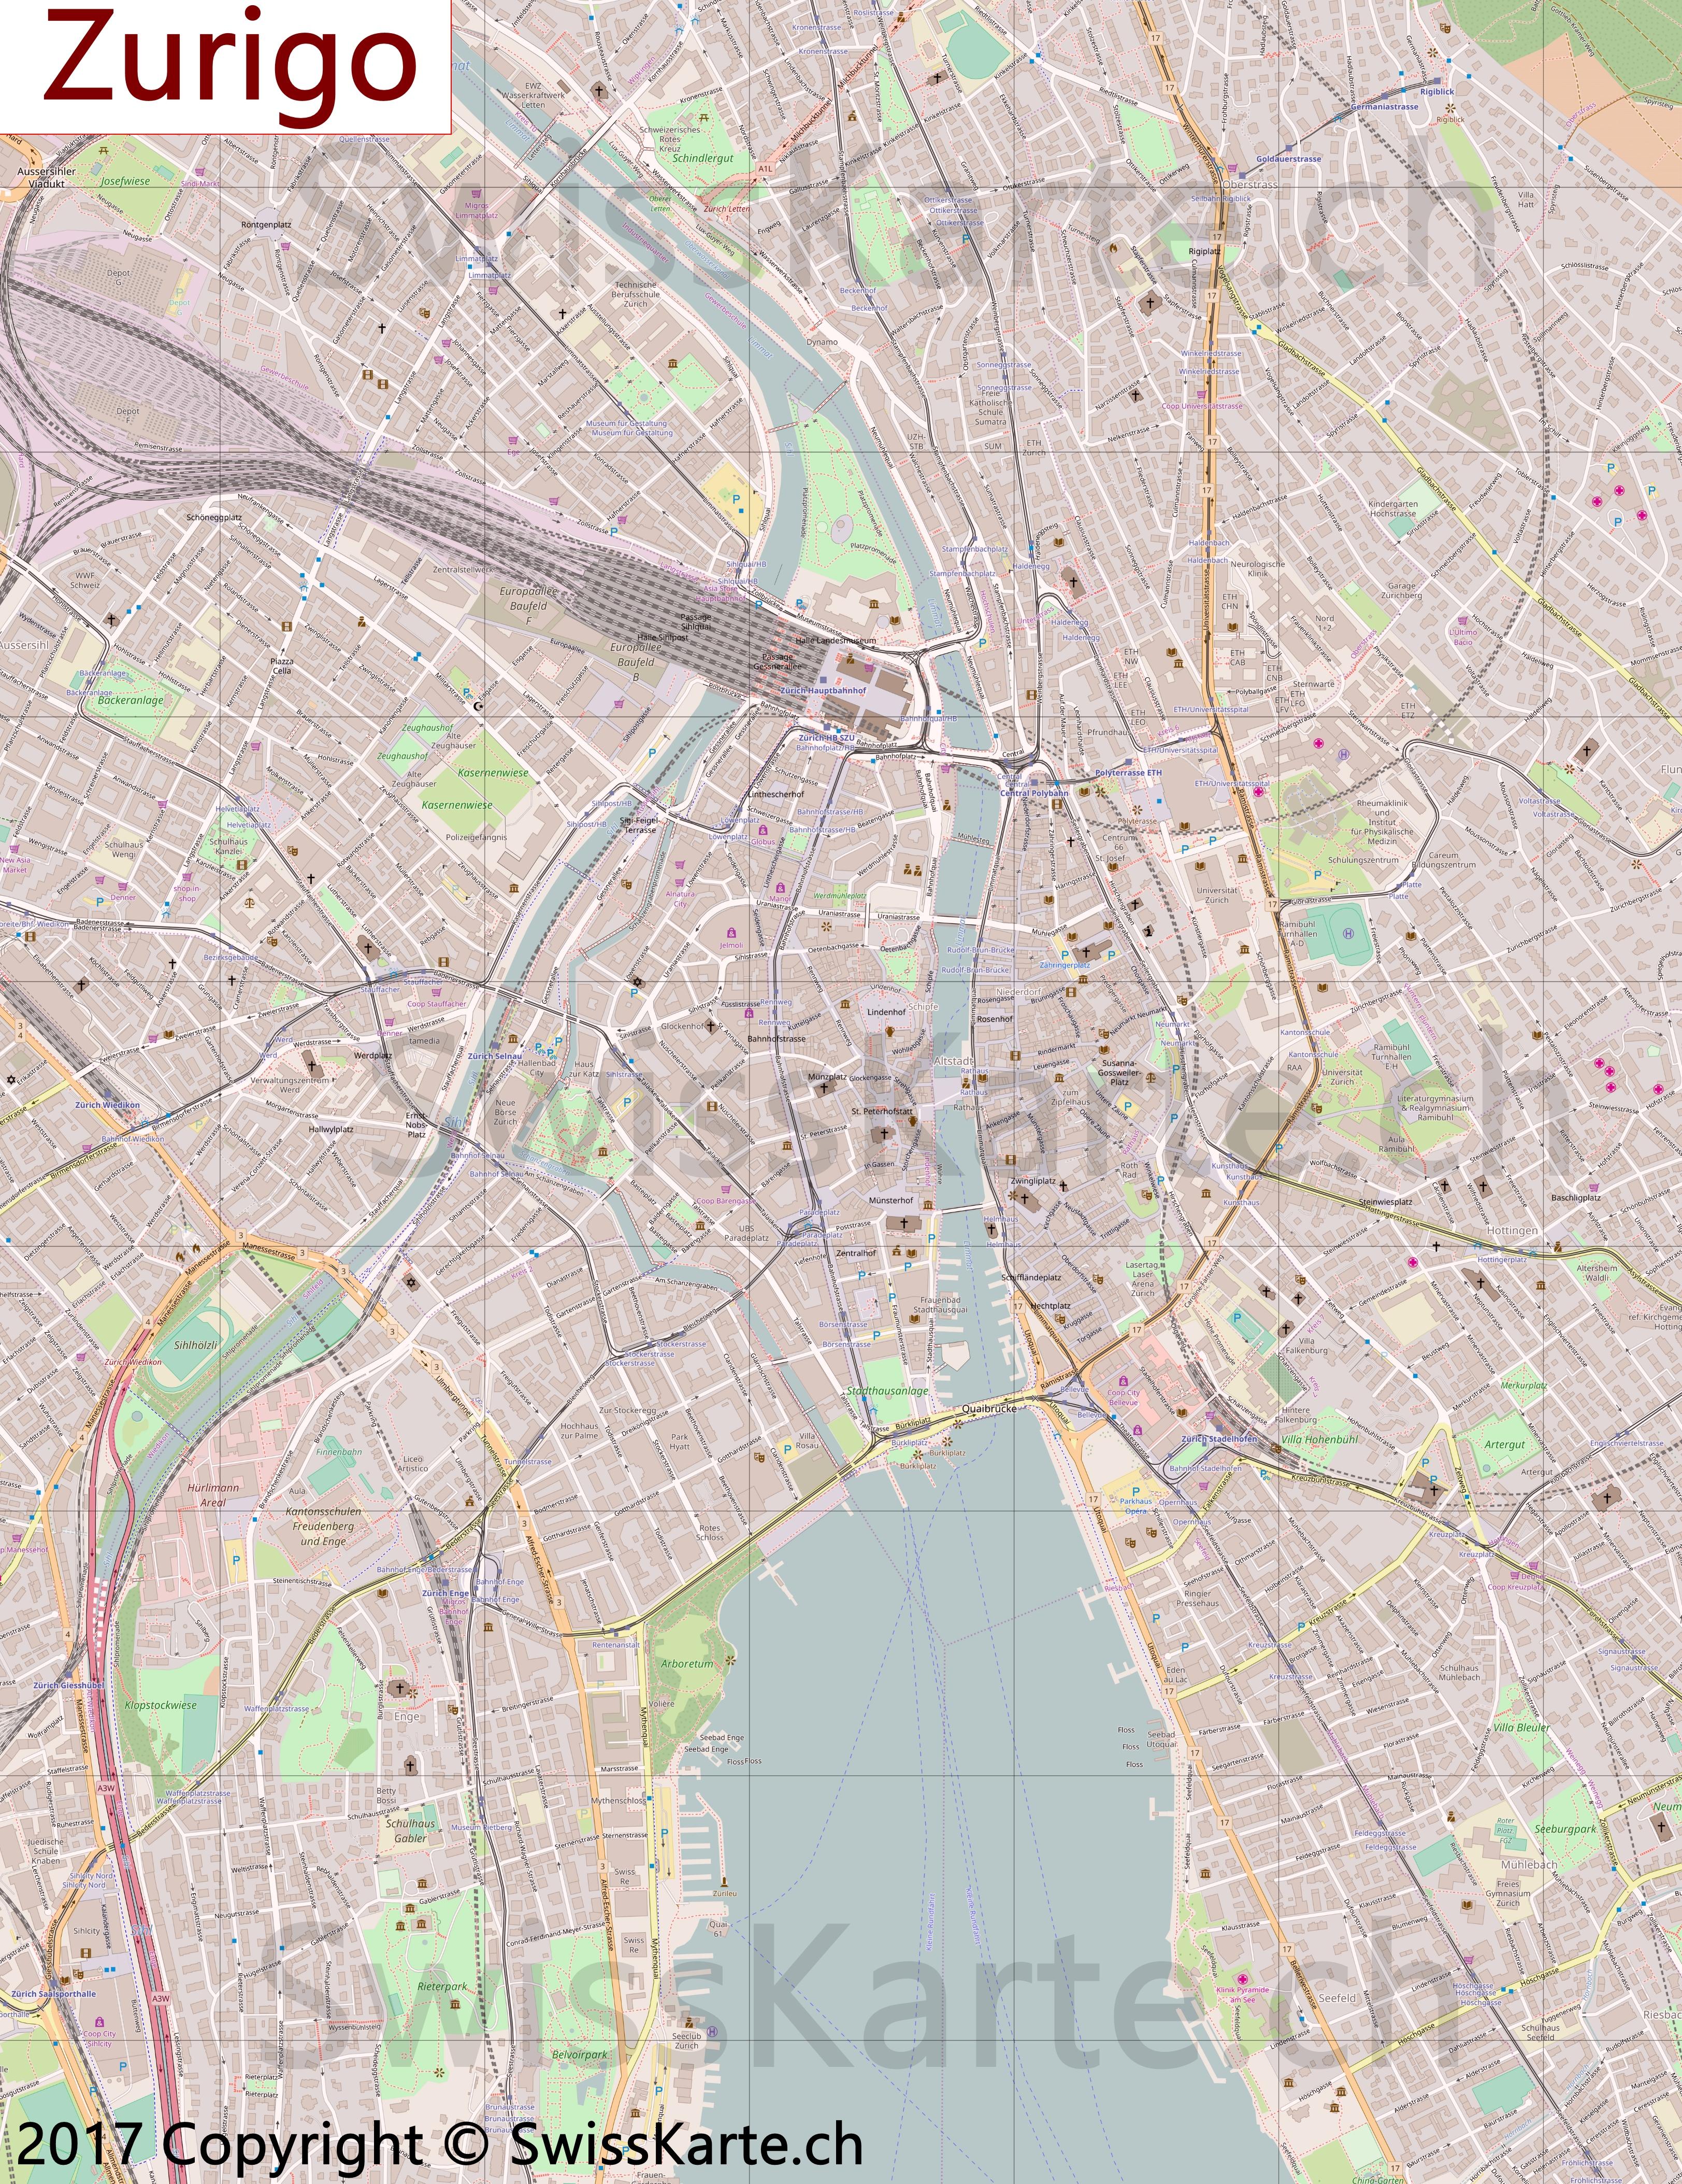 Cartina Zurigo.Mappa Di Zurigo Swisskarte Ch